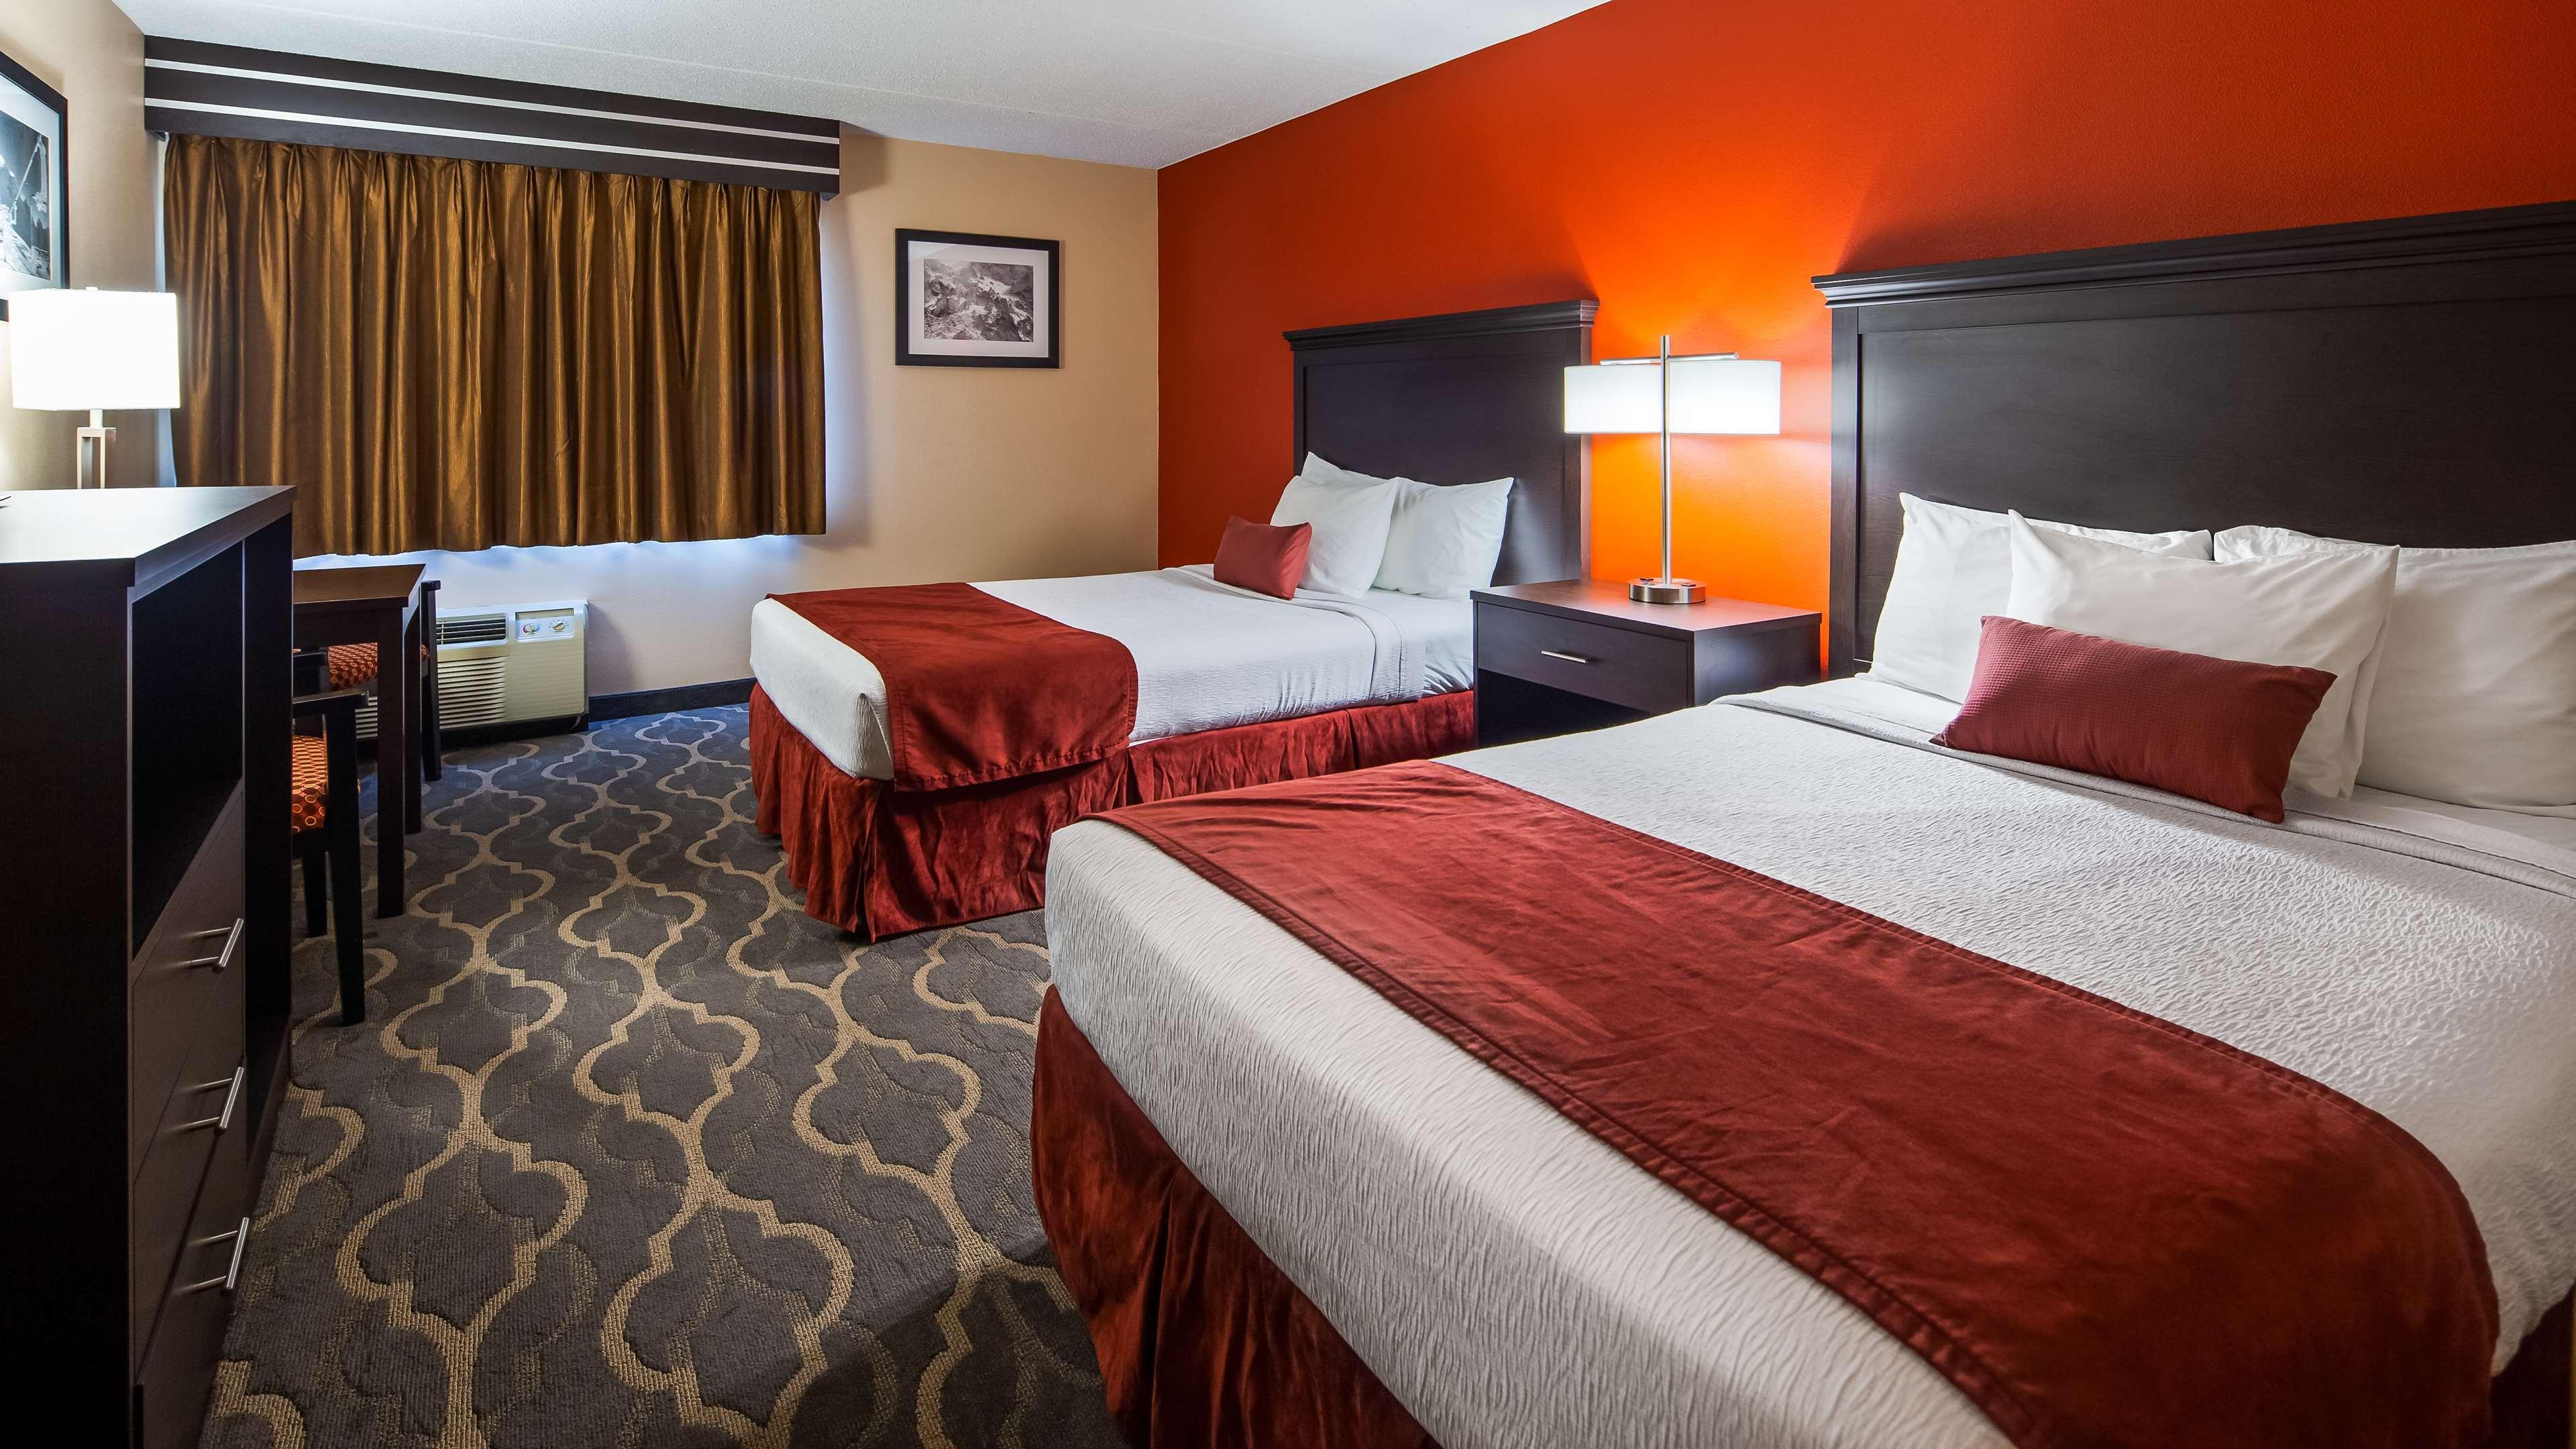 Best Western Inn at Blakeslee-Pocono image 10